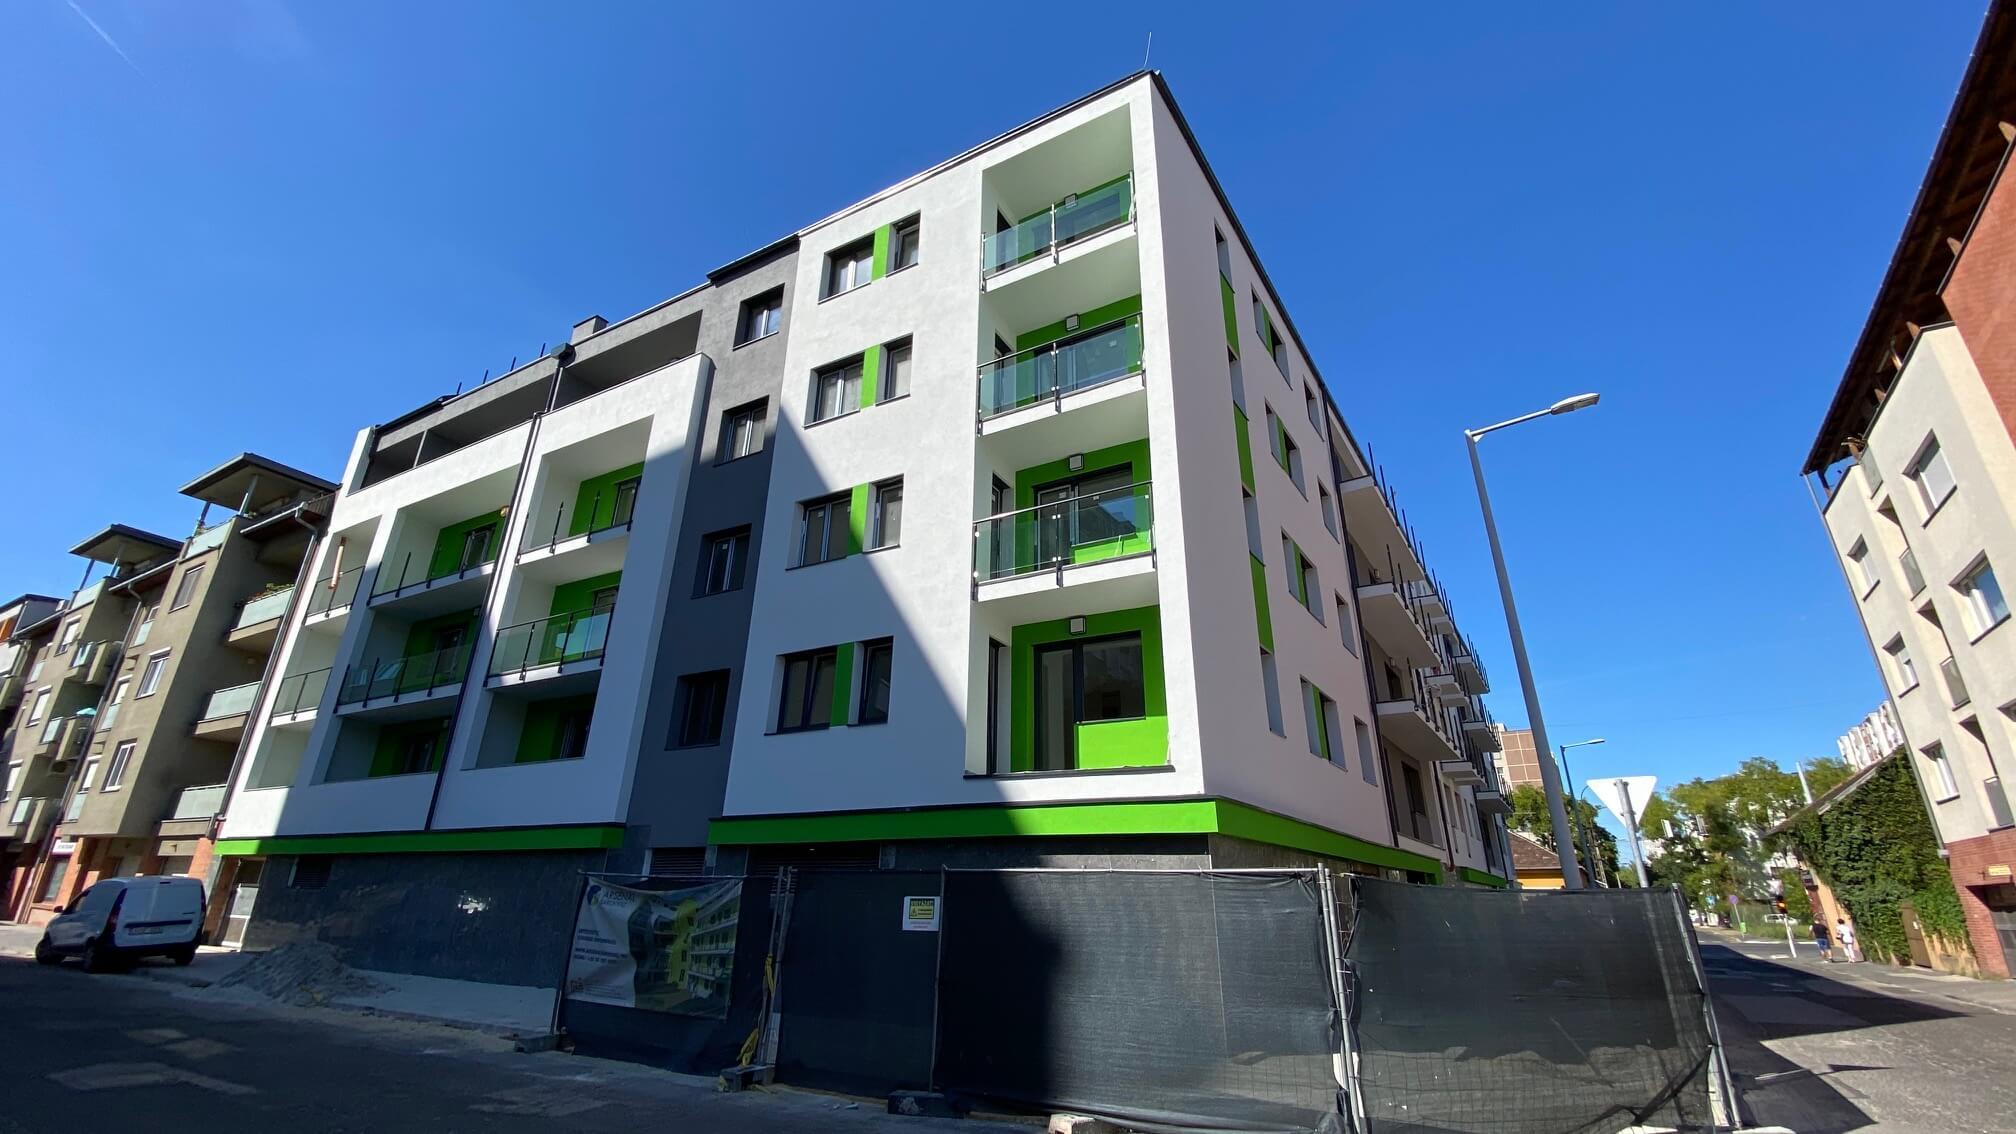 Beköltözhető családi lakások, nagyon-nagyon jó áron Újpest-központban